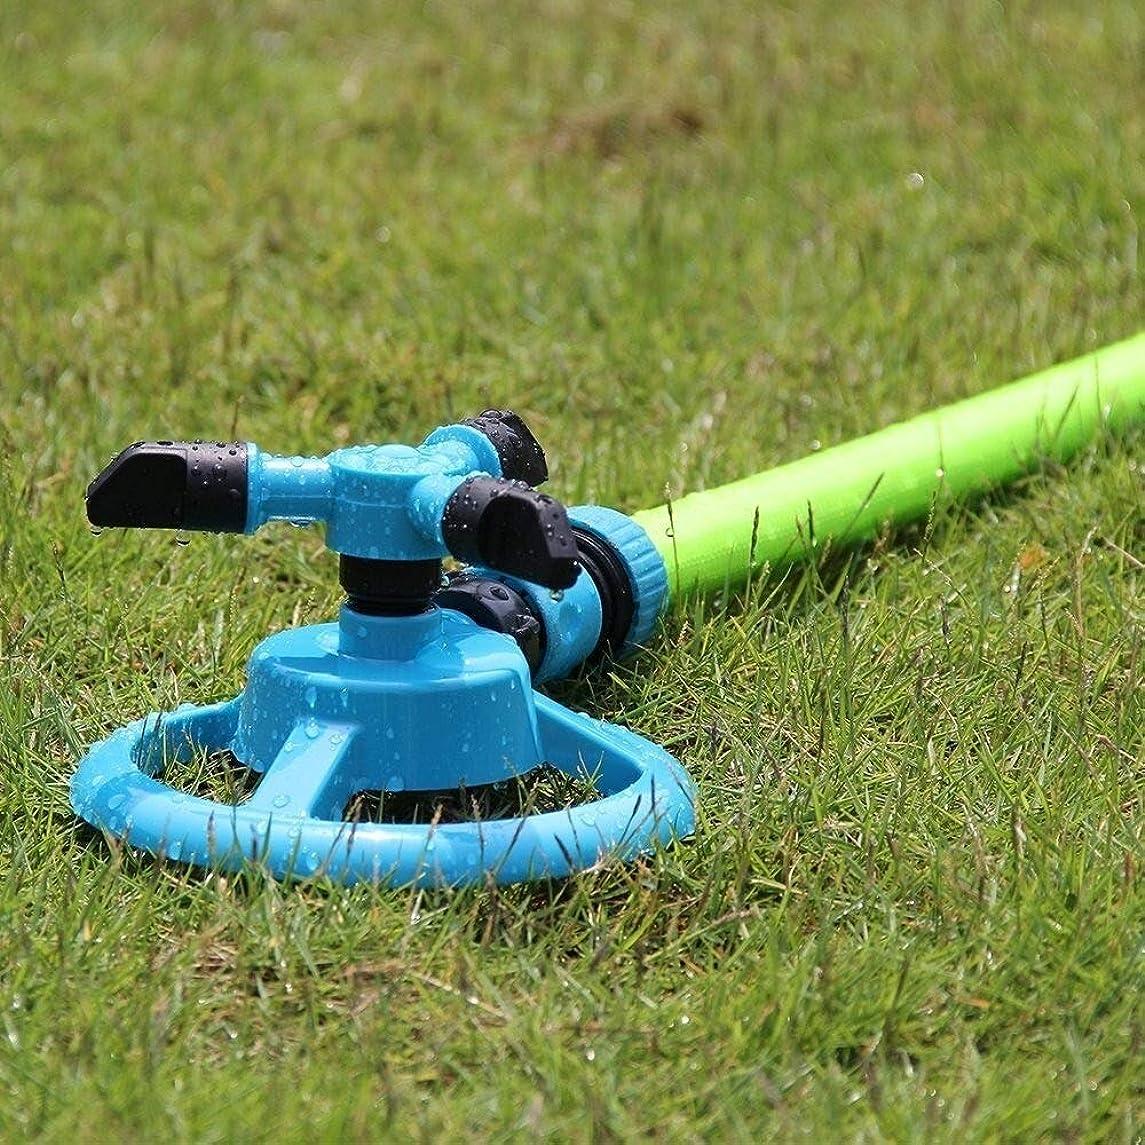 強制的正確な提出する芝生のスプリンクラー自動ガーデンウォーターガーデンは、ノズルの芝生灌漑回転360度プラスチック芝生の水まきスプリンクラースプレー DIY園芸噴水ヘッド (Color : Blue)